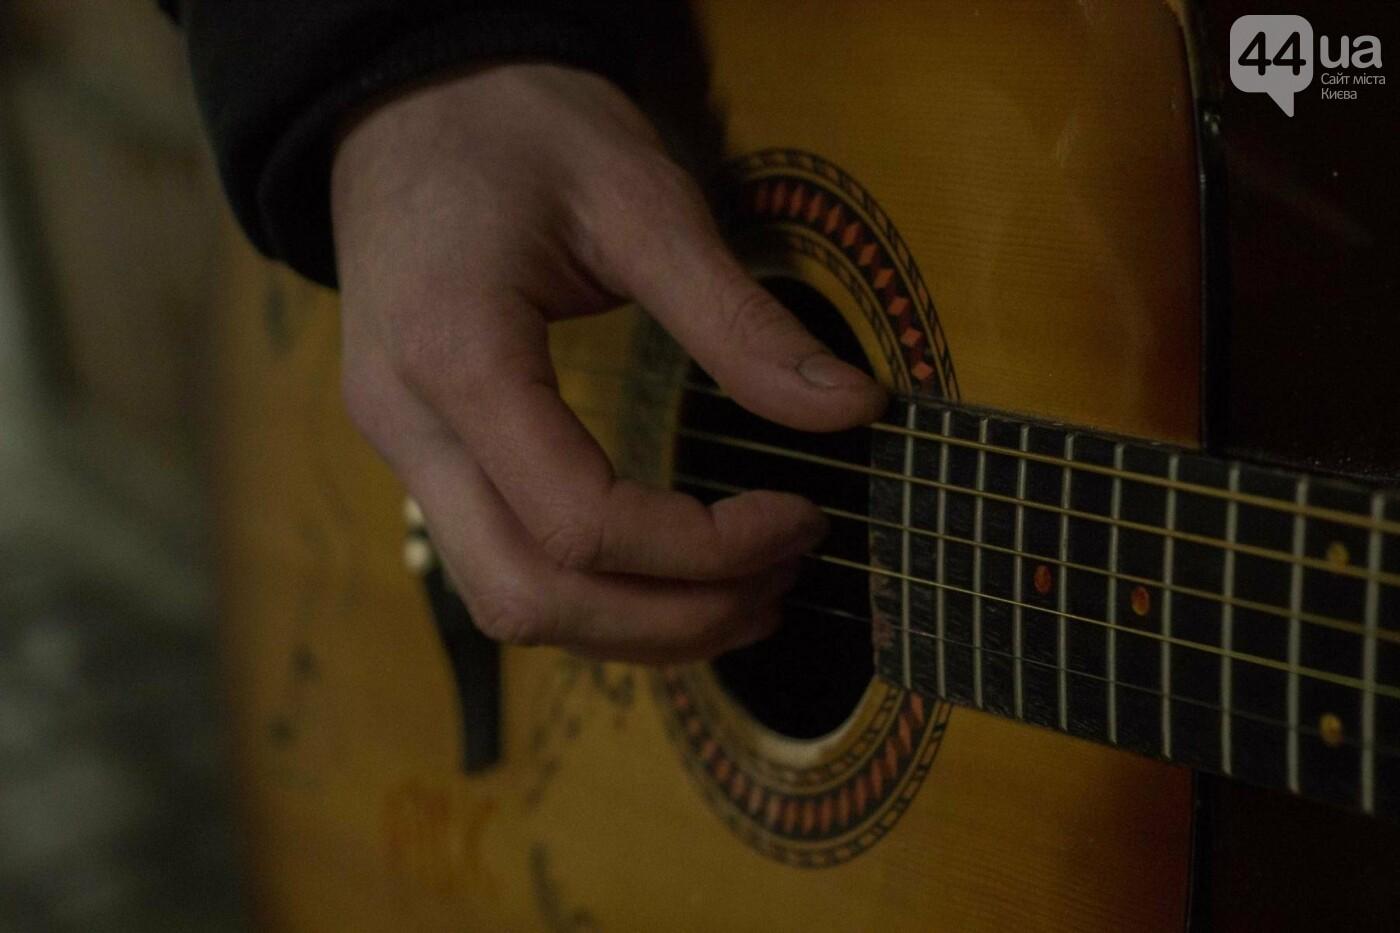 Играю не ради денег: как живется уличному музыканту в Киеве, фото-1